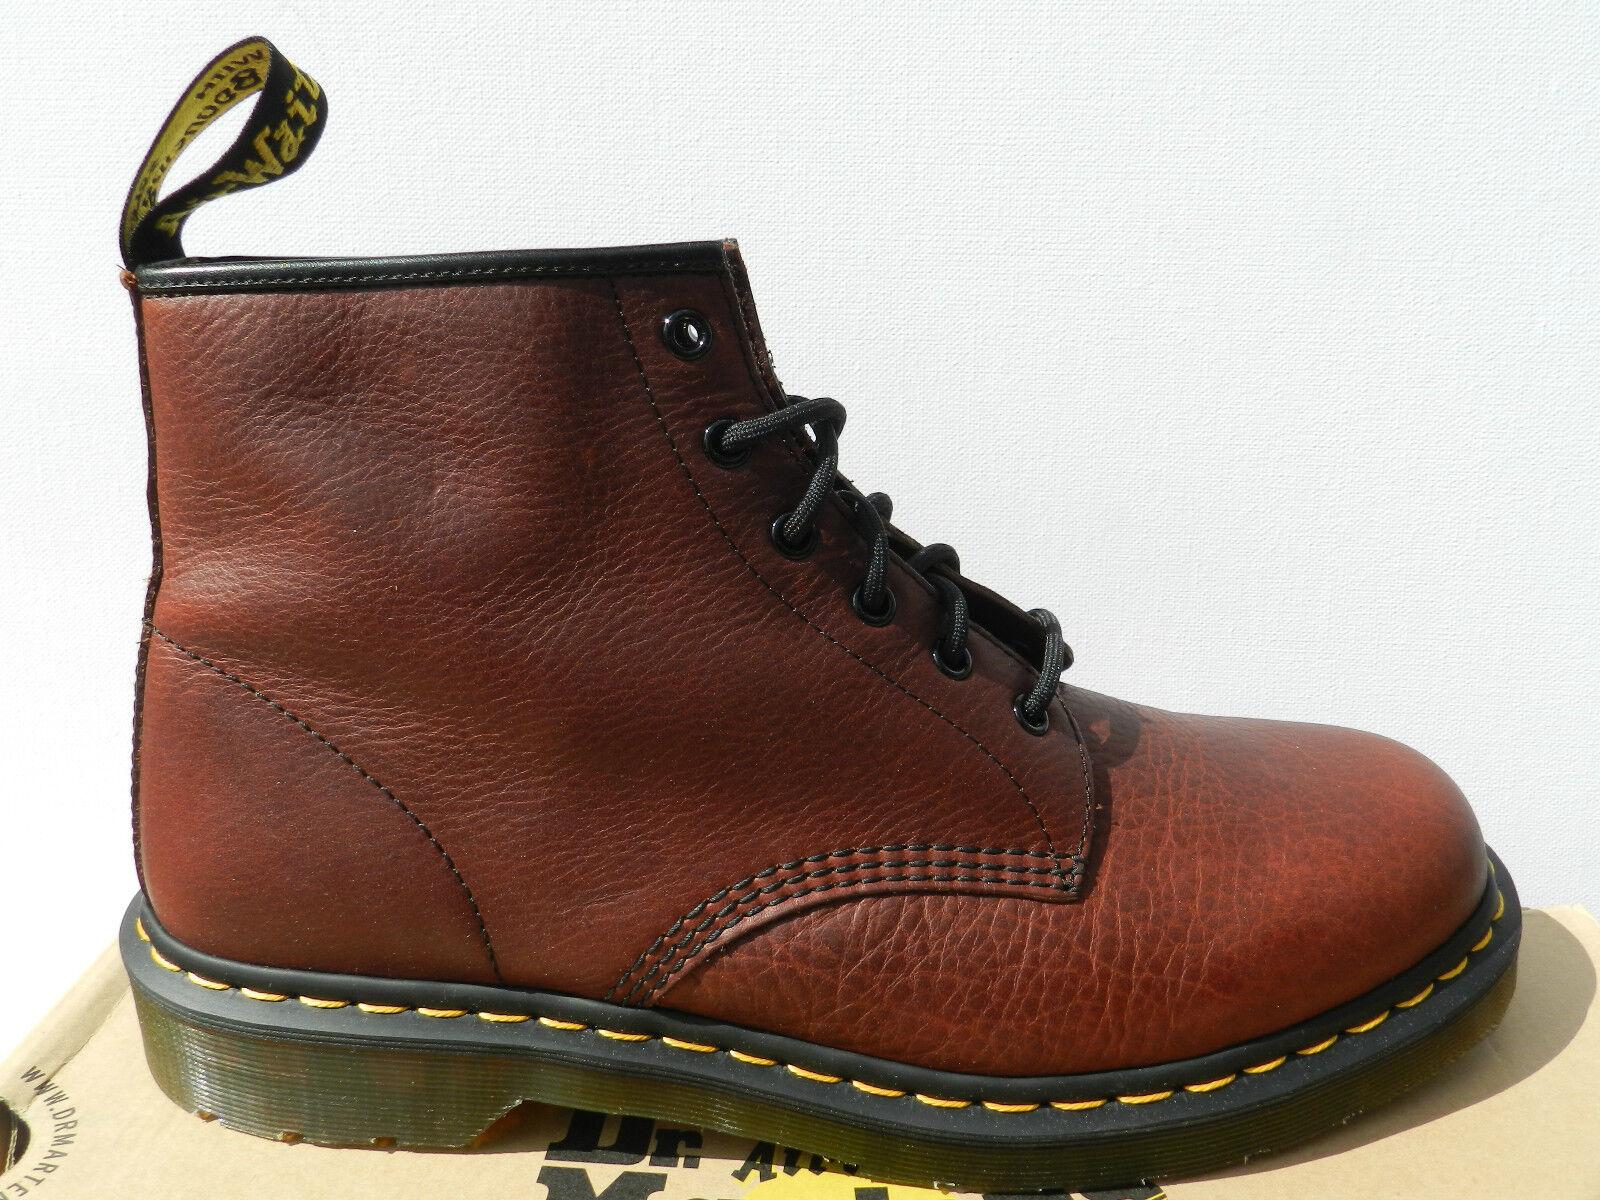 Dr Martens 101 Inuck Oxblood Vintage zapatos Homme 47 botas 1460 UK12 Neuf